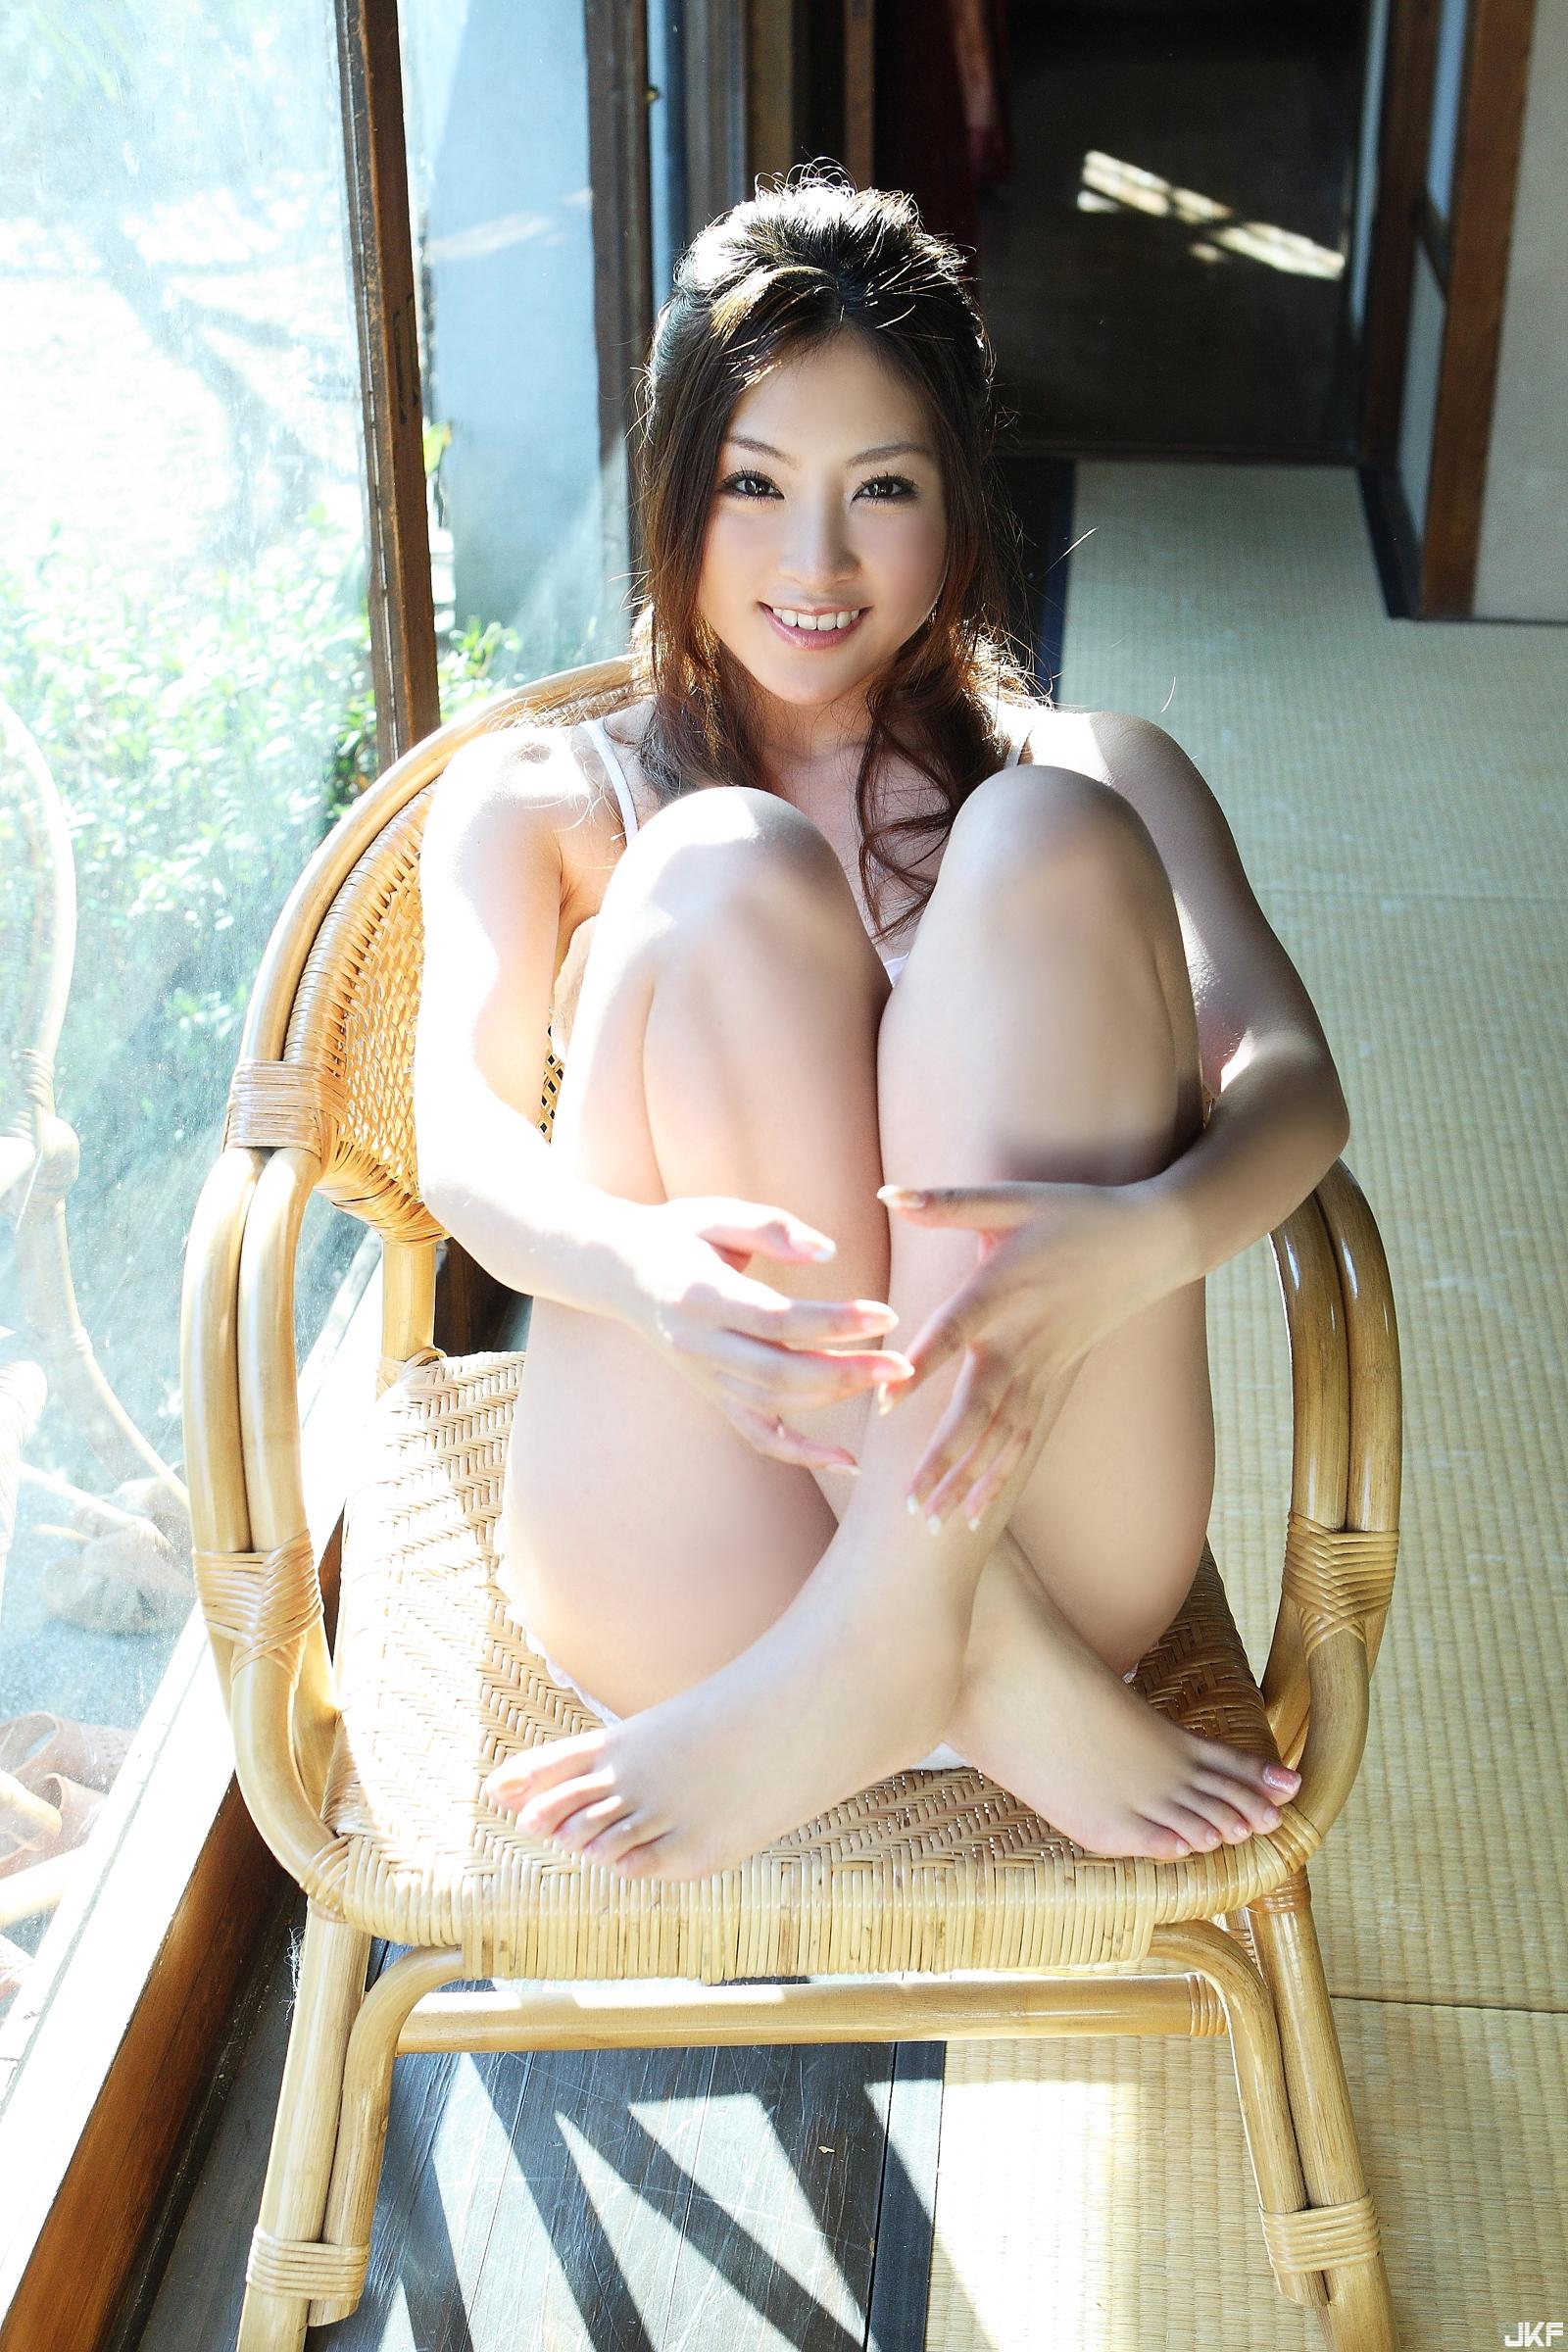 tatsumi-natsuko-574291.jpg